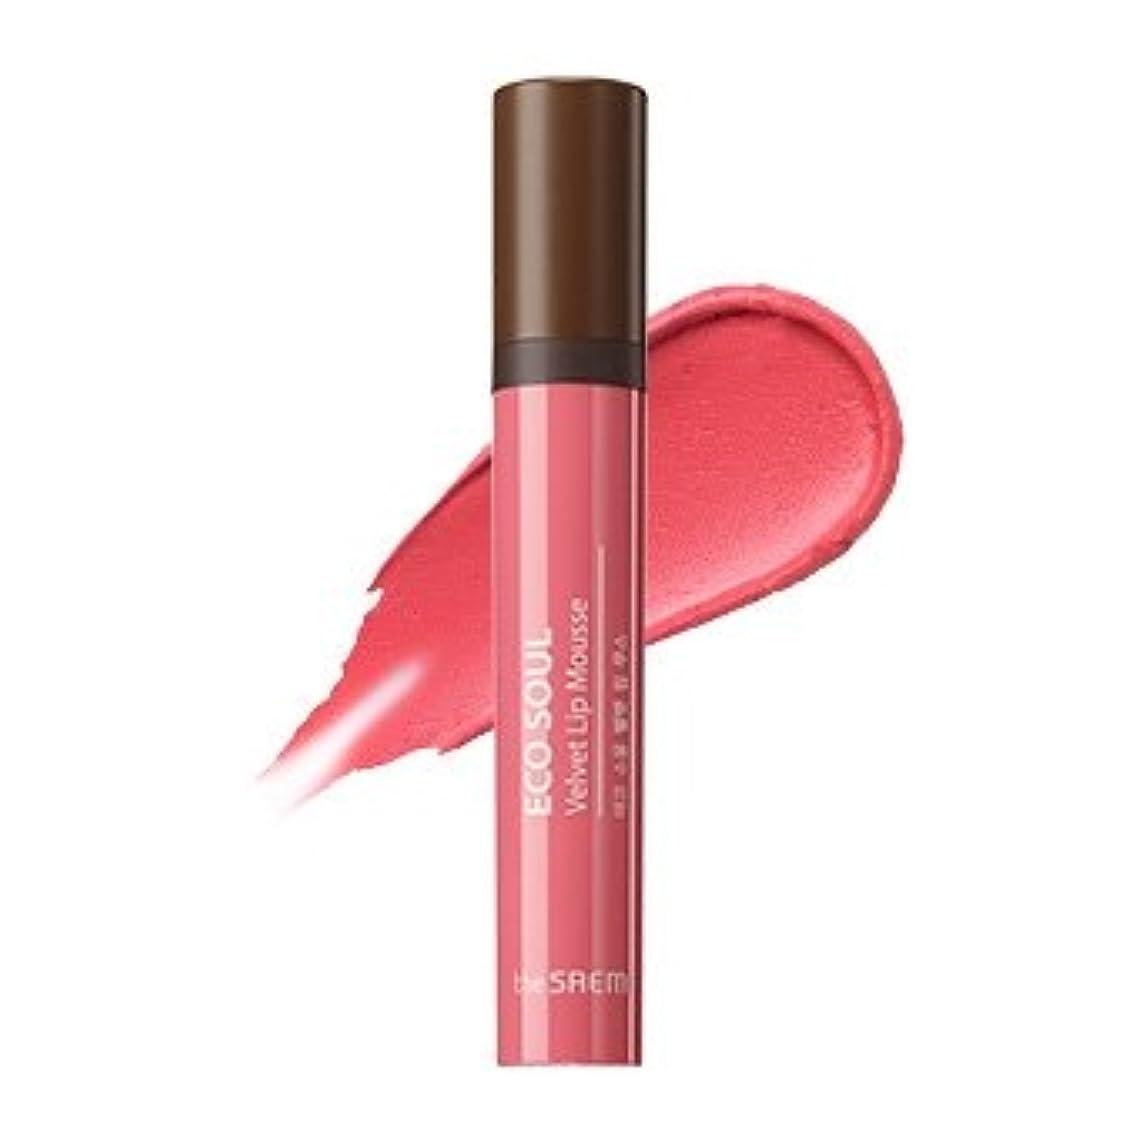 ナンセンスクライマックス不規則性the SAEM Eco Soul Velvet Lip Mousse 5.5g/ザセム エコ ソウル ベルベット リップ ムース 5.5g (#CR01 Bless You) [並行輸入品]